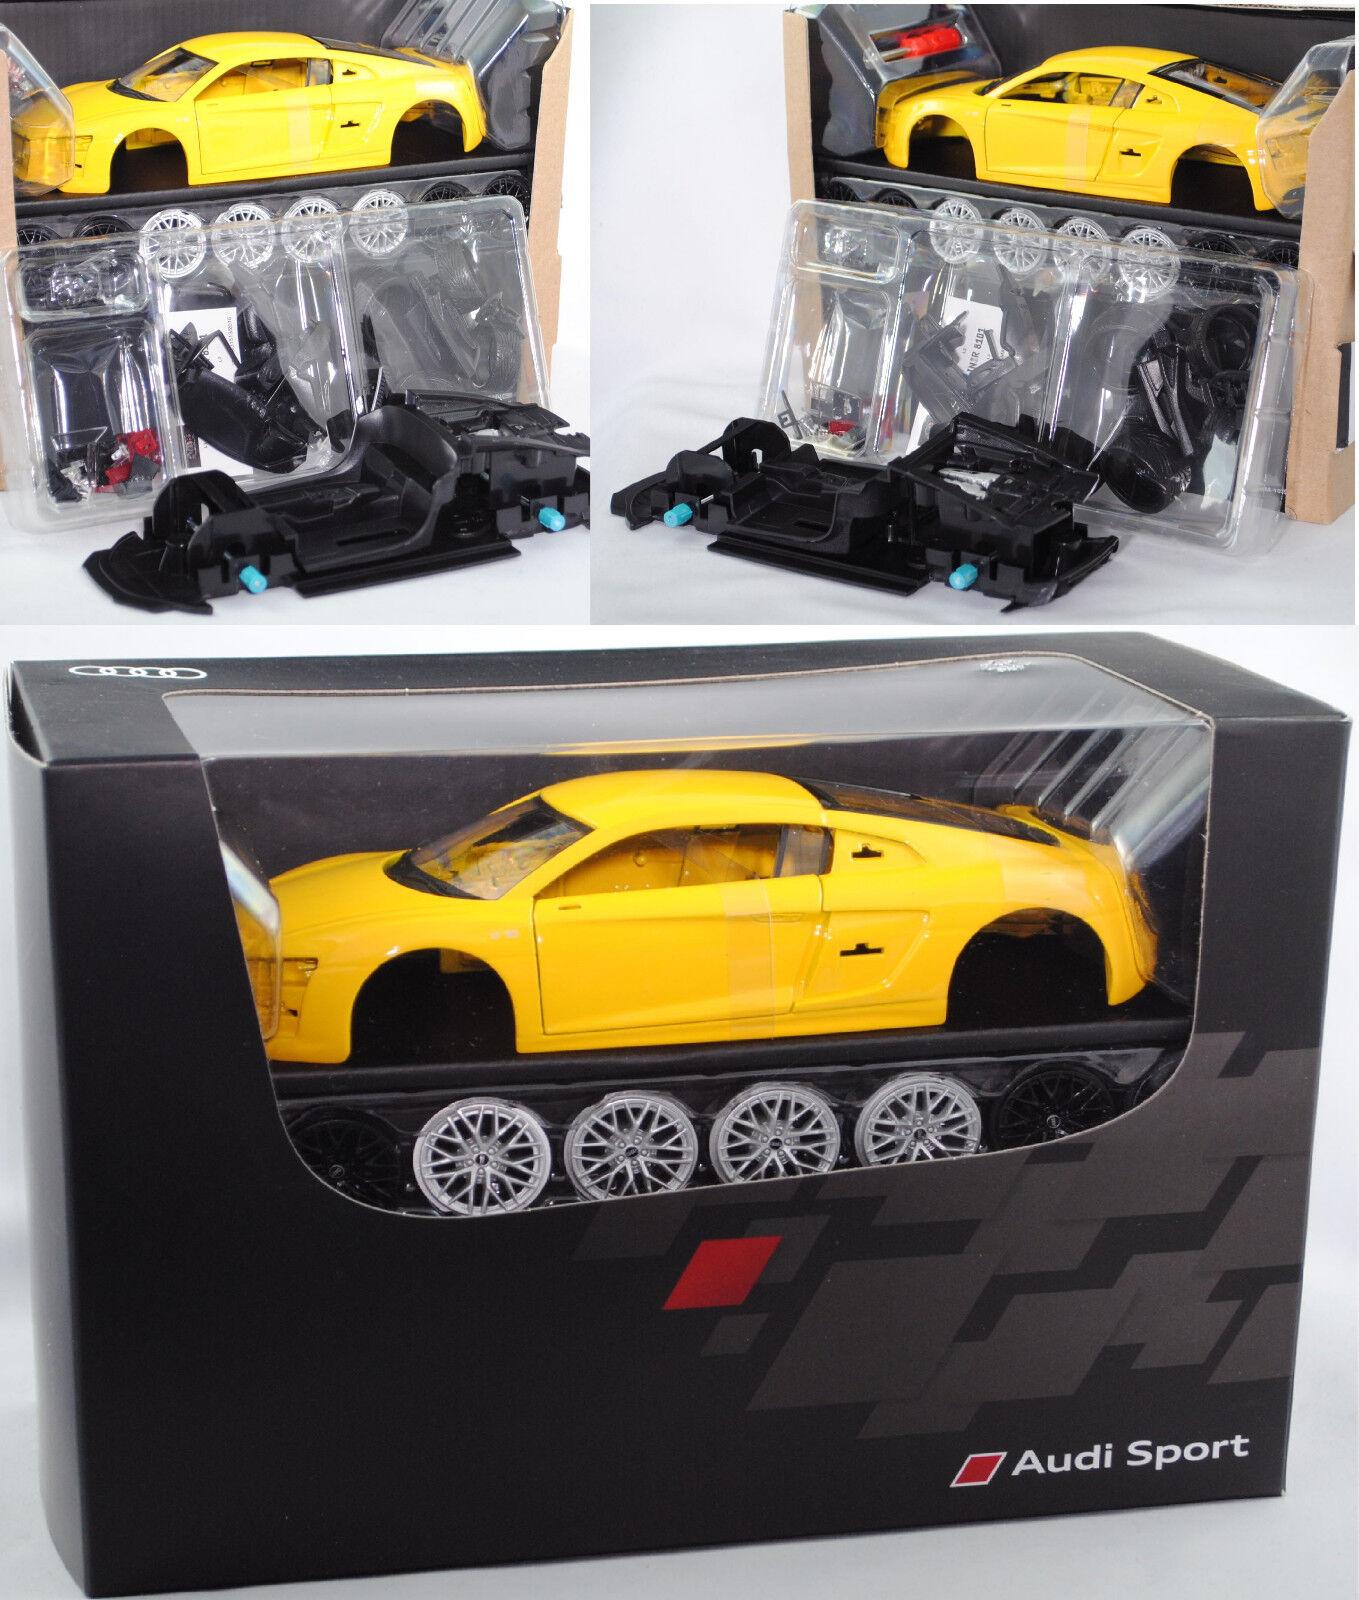 Maisto 3201600300 Audi R8 V10 V10 V10 Coupé, Bausatz, 1 24, Werbebox d6158f